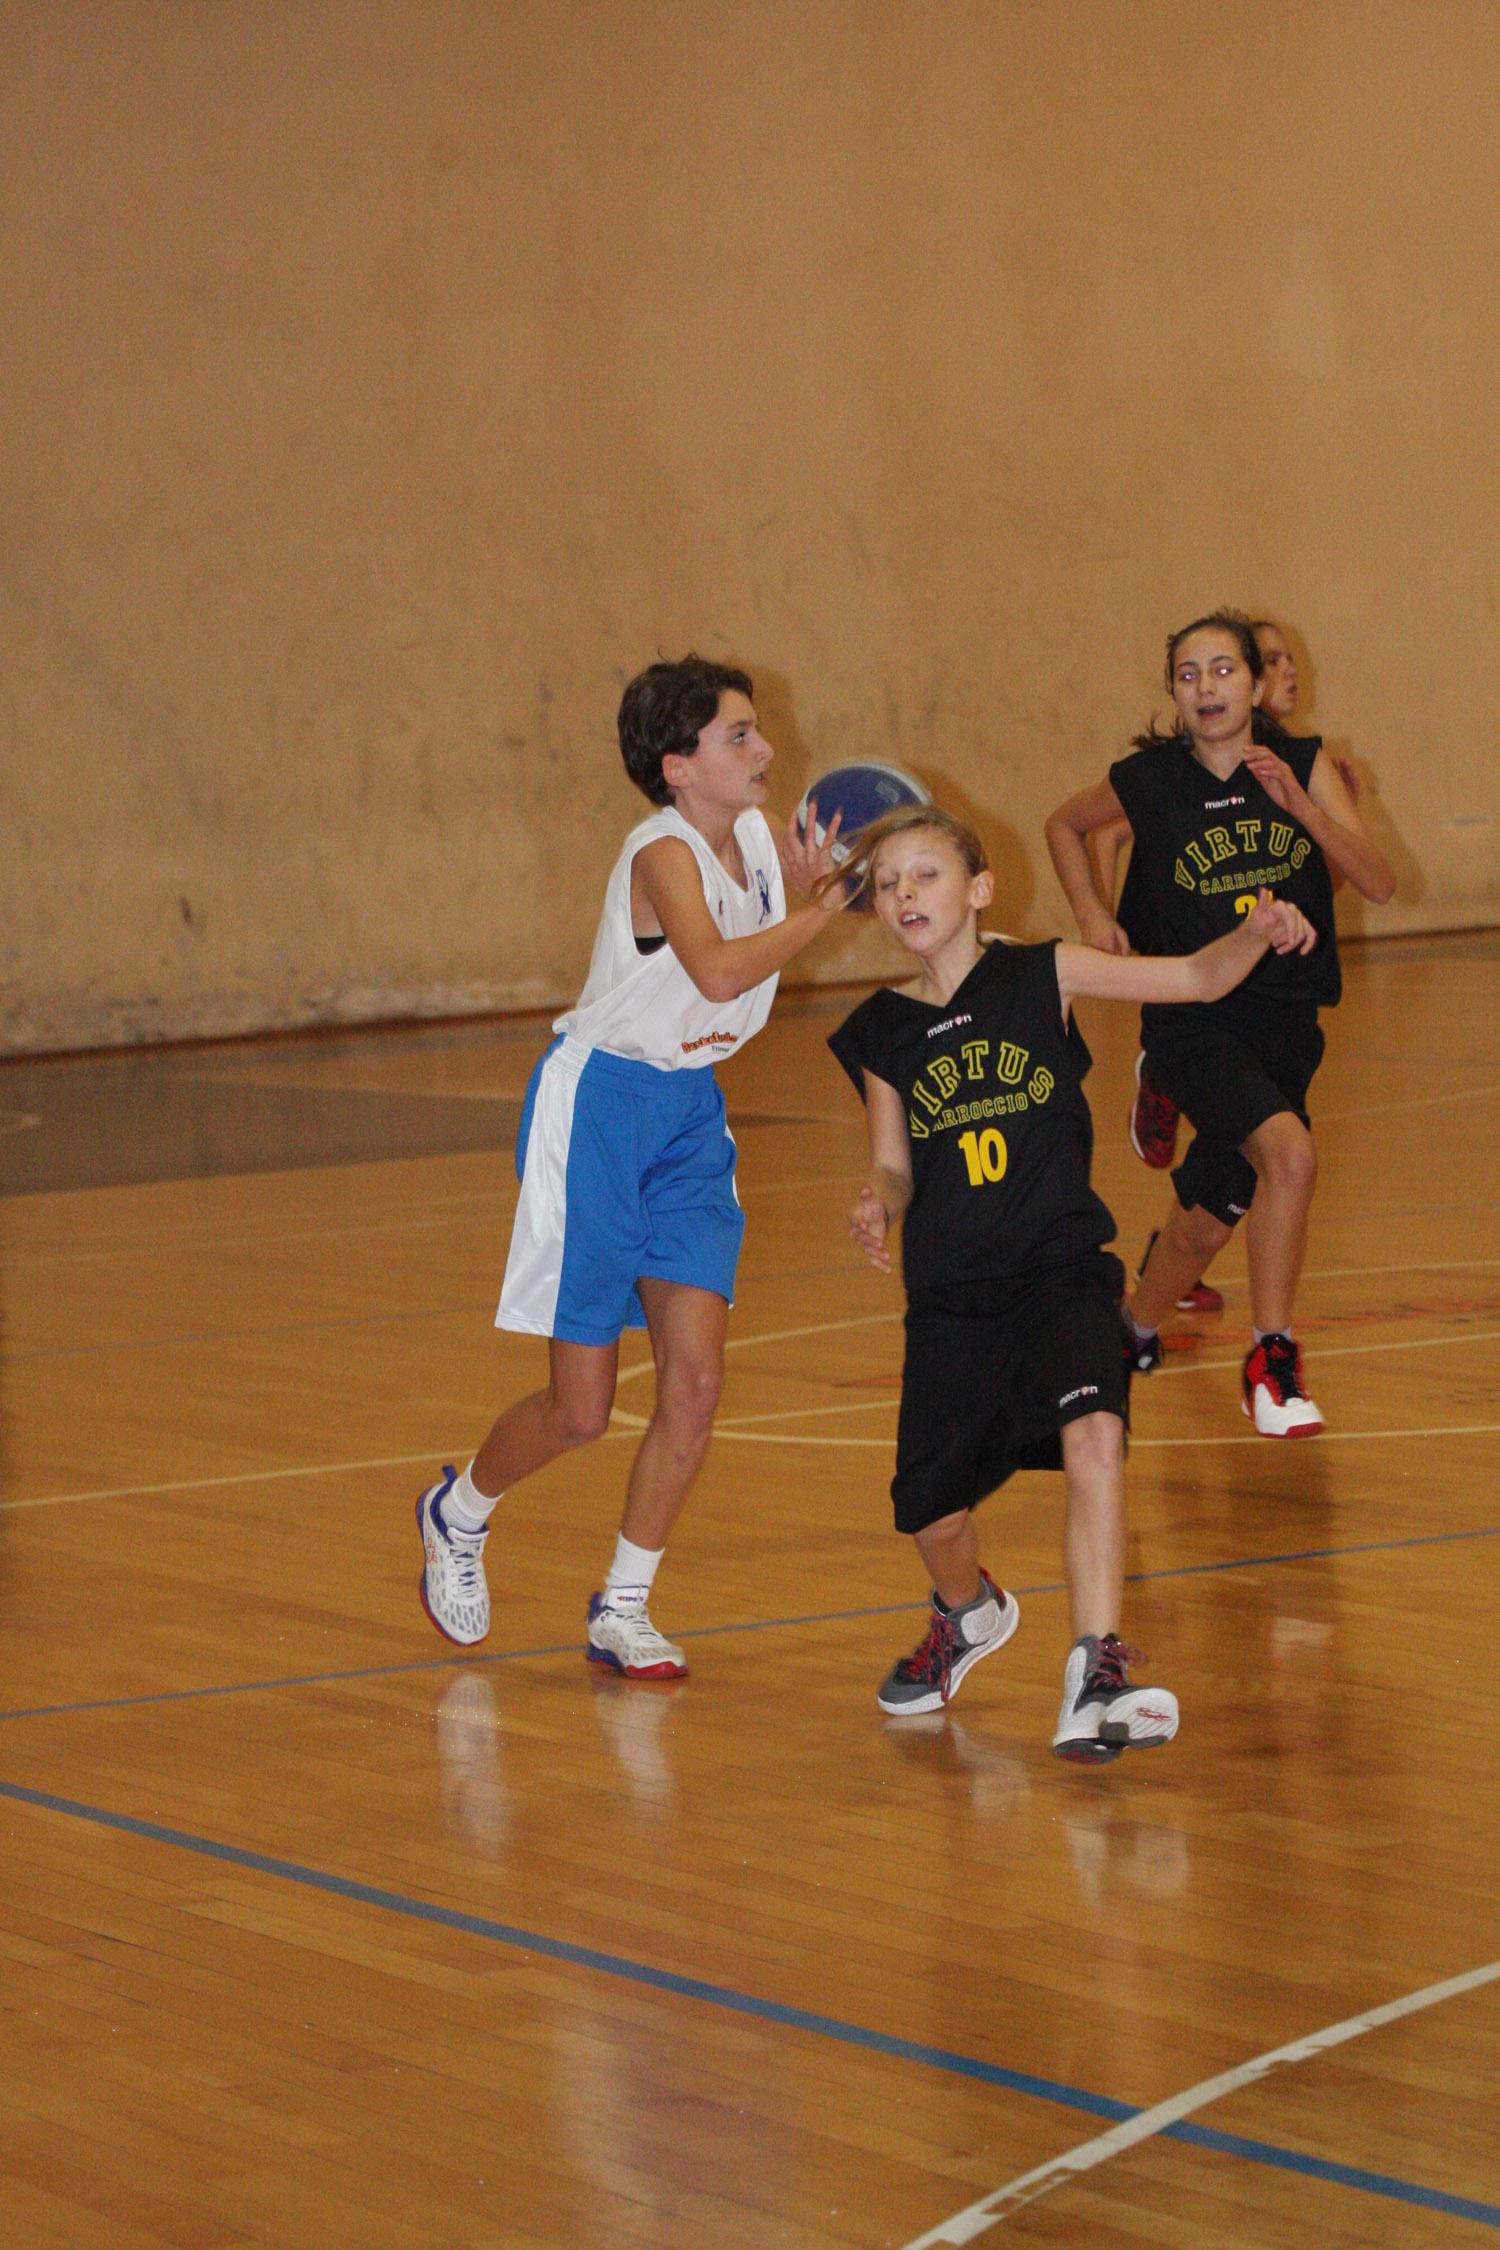 U13 - Baskettiamo Vittuone vs Carroccio Legnano 00008.jpg